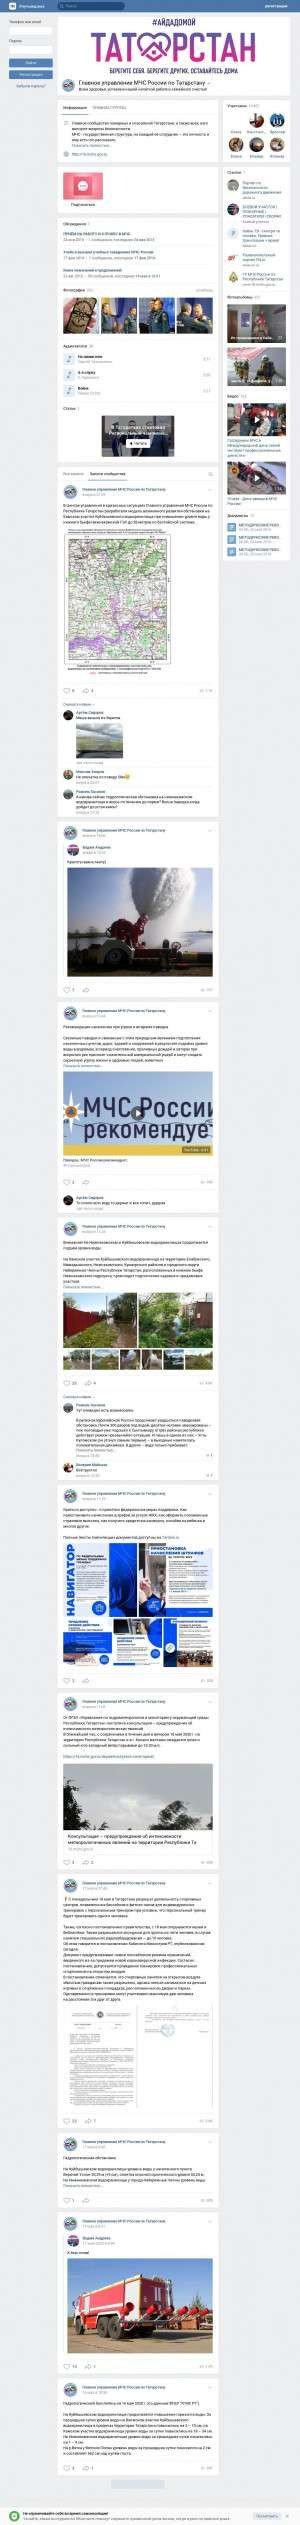 Предпросмотр для vk.com — Пожарная охрана Советского района